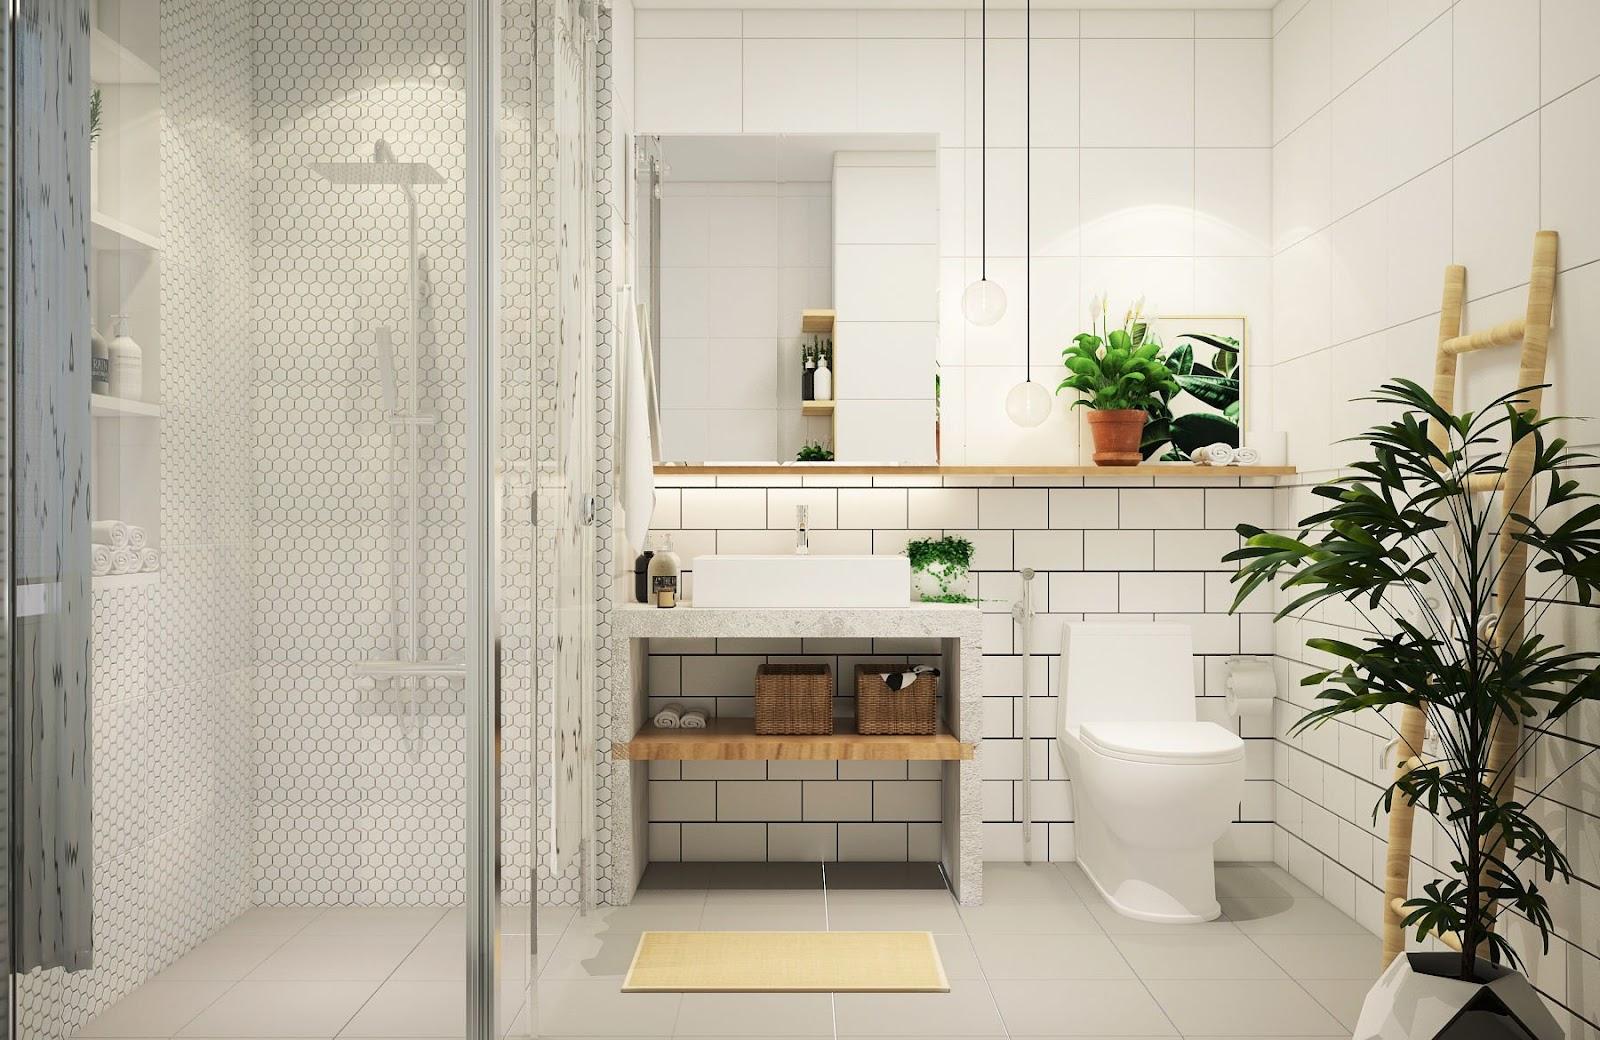 Màu sắc nội thất và kích thước hài hòa trong tổng thể căn phòng